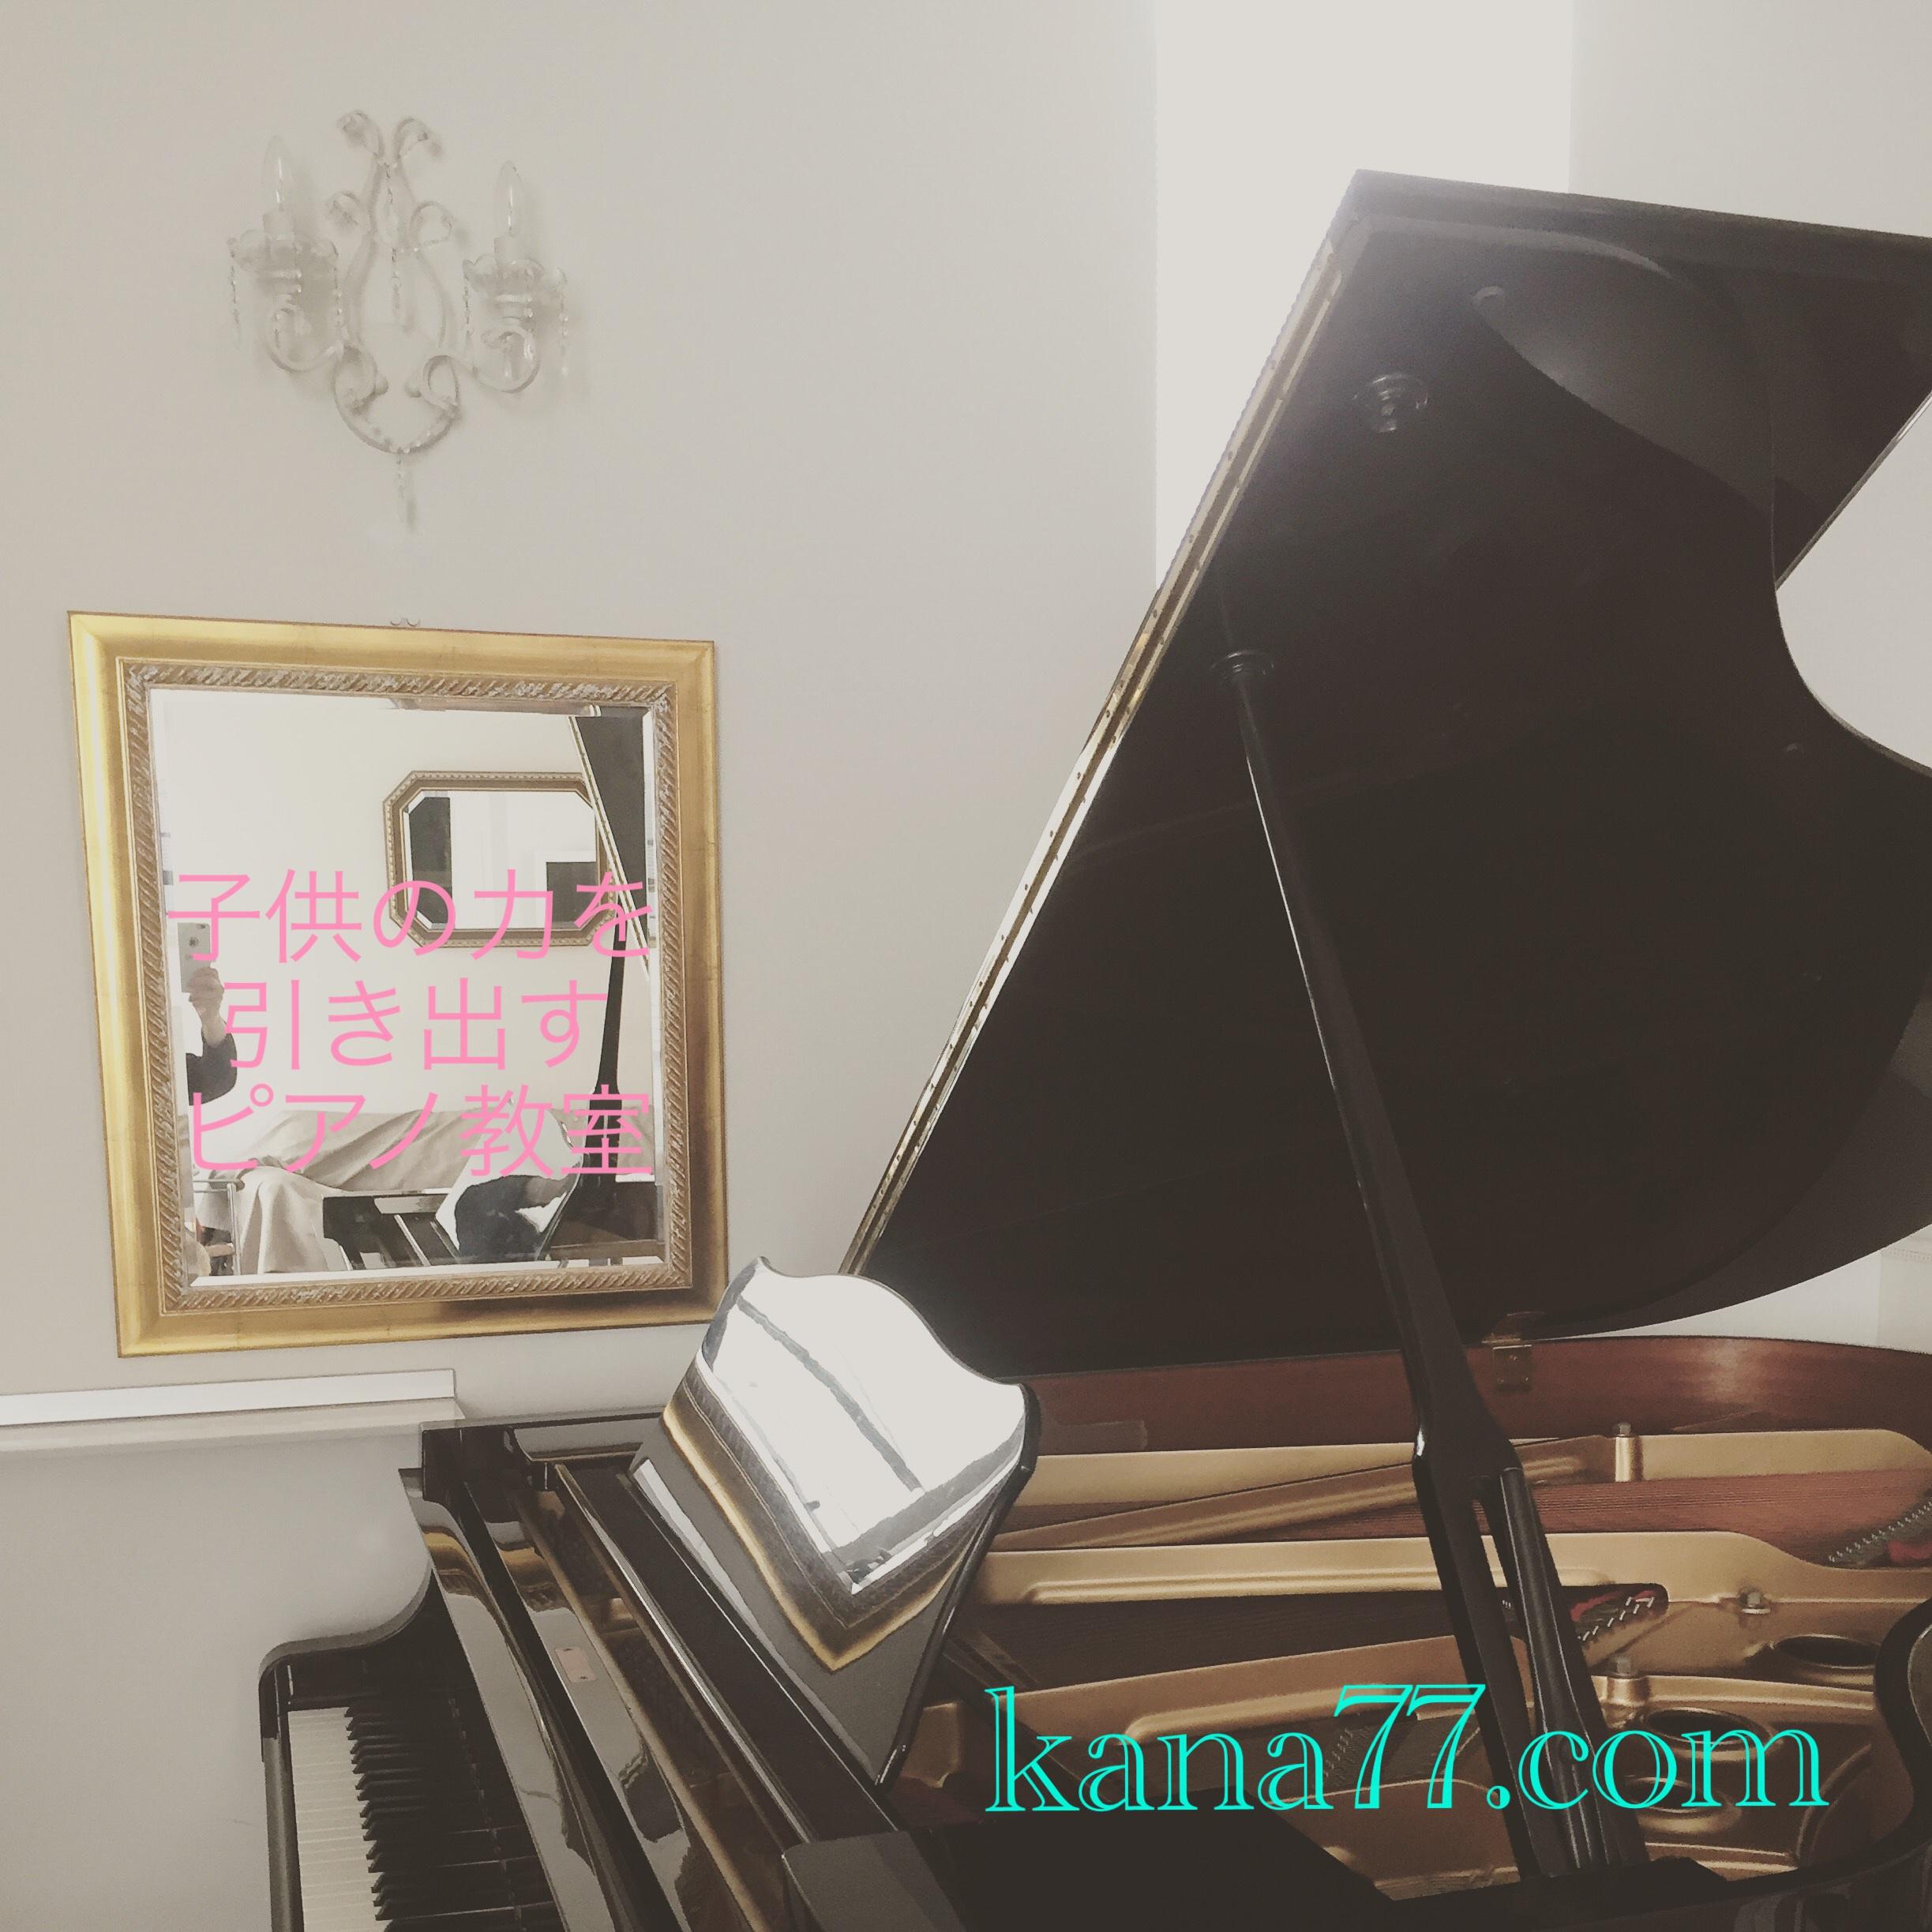 アップライトとグランドピアノの違い 〜楽器について〜